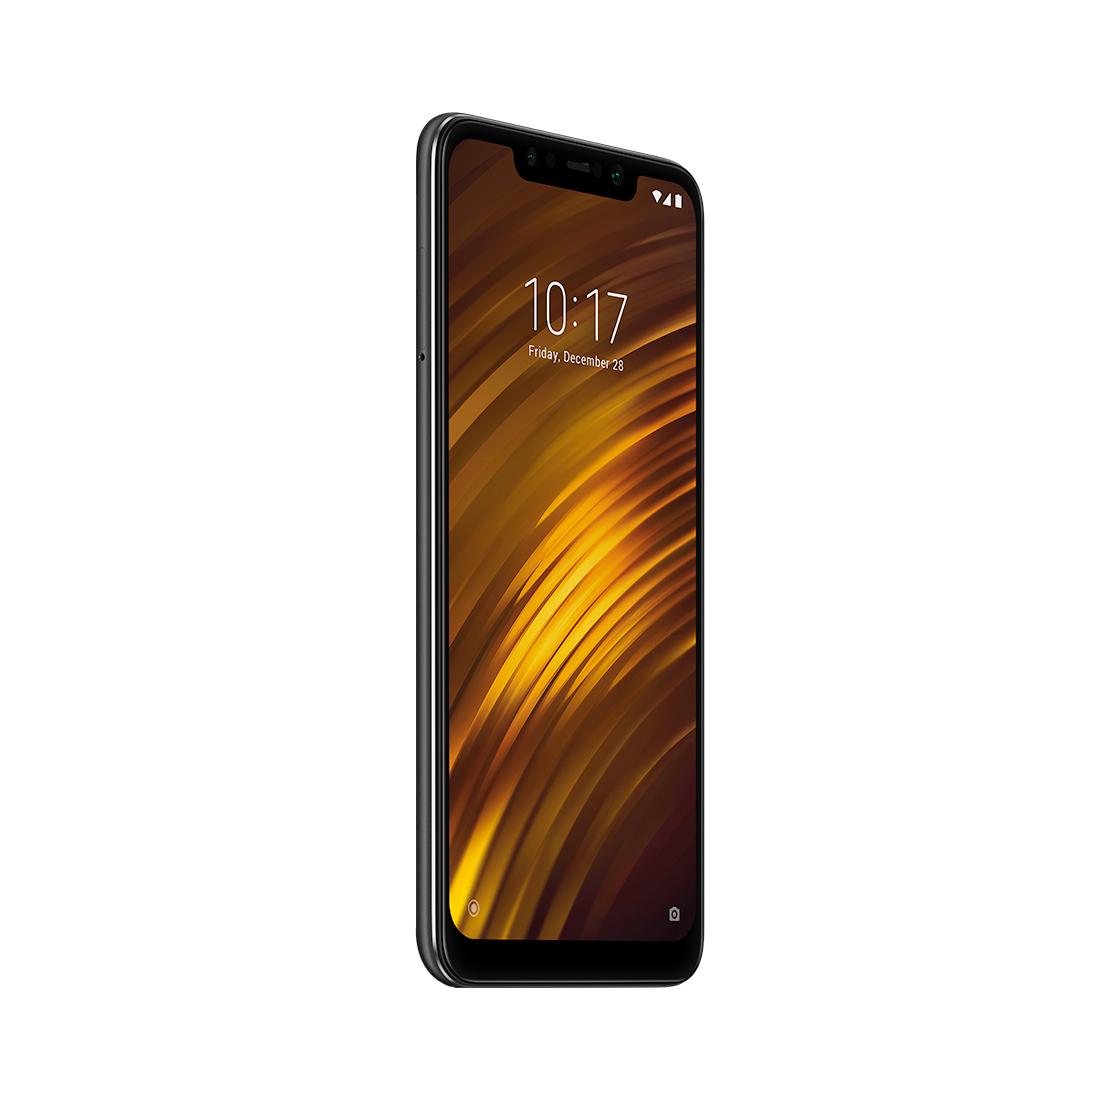 Мобильный телефон Pocophone by Xiaomi F1 (M1805E10A) 64GB Графитовый Чёрный